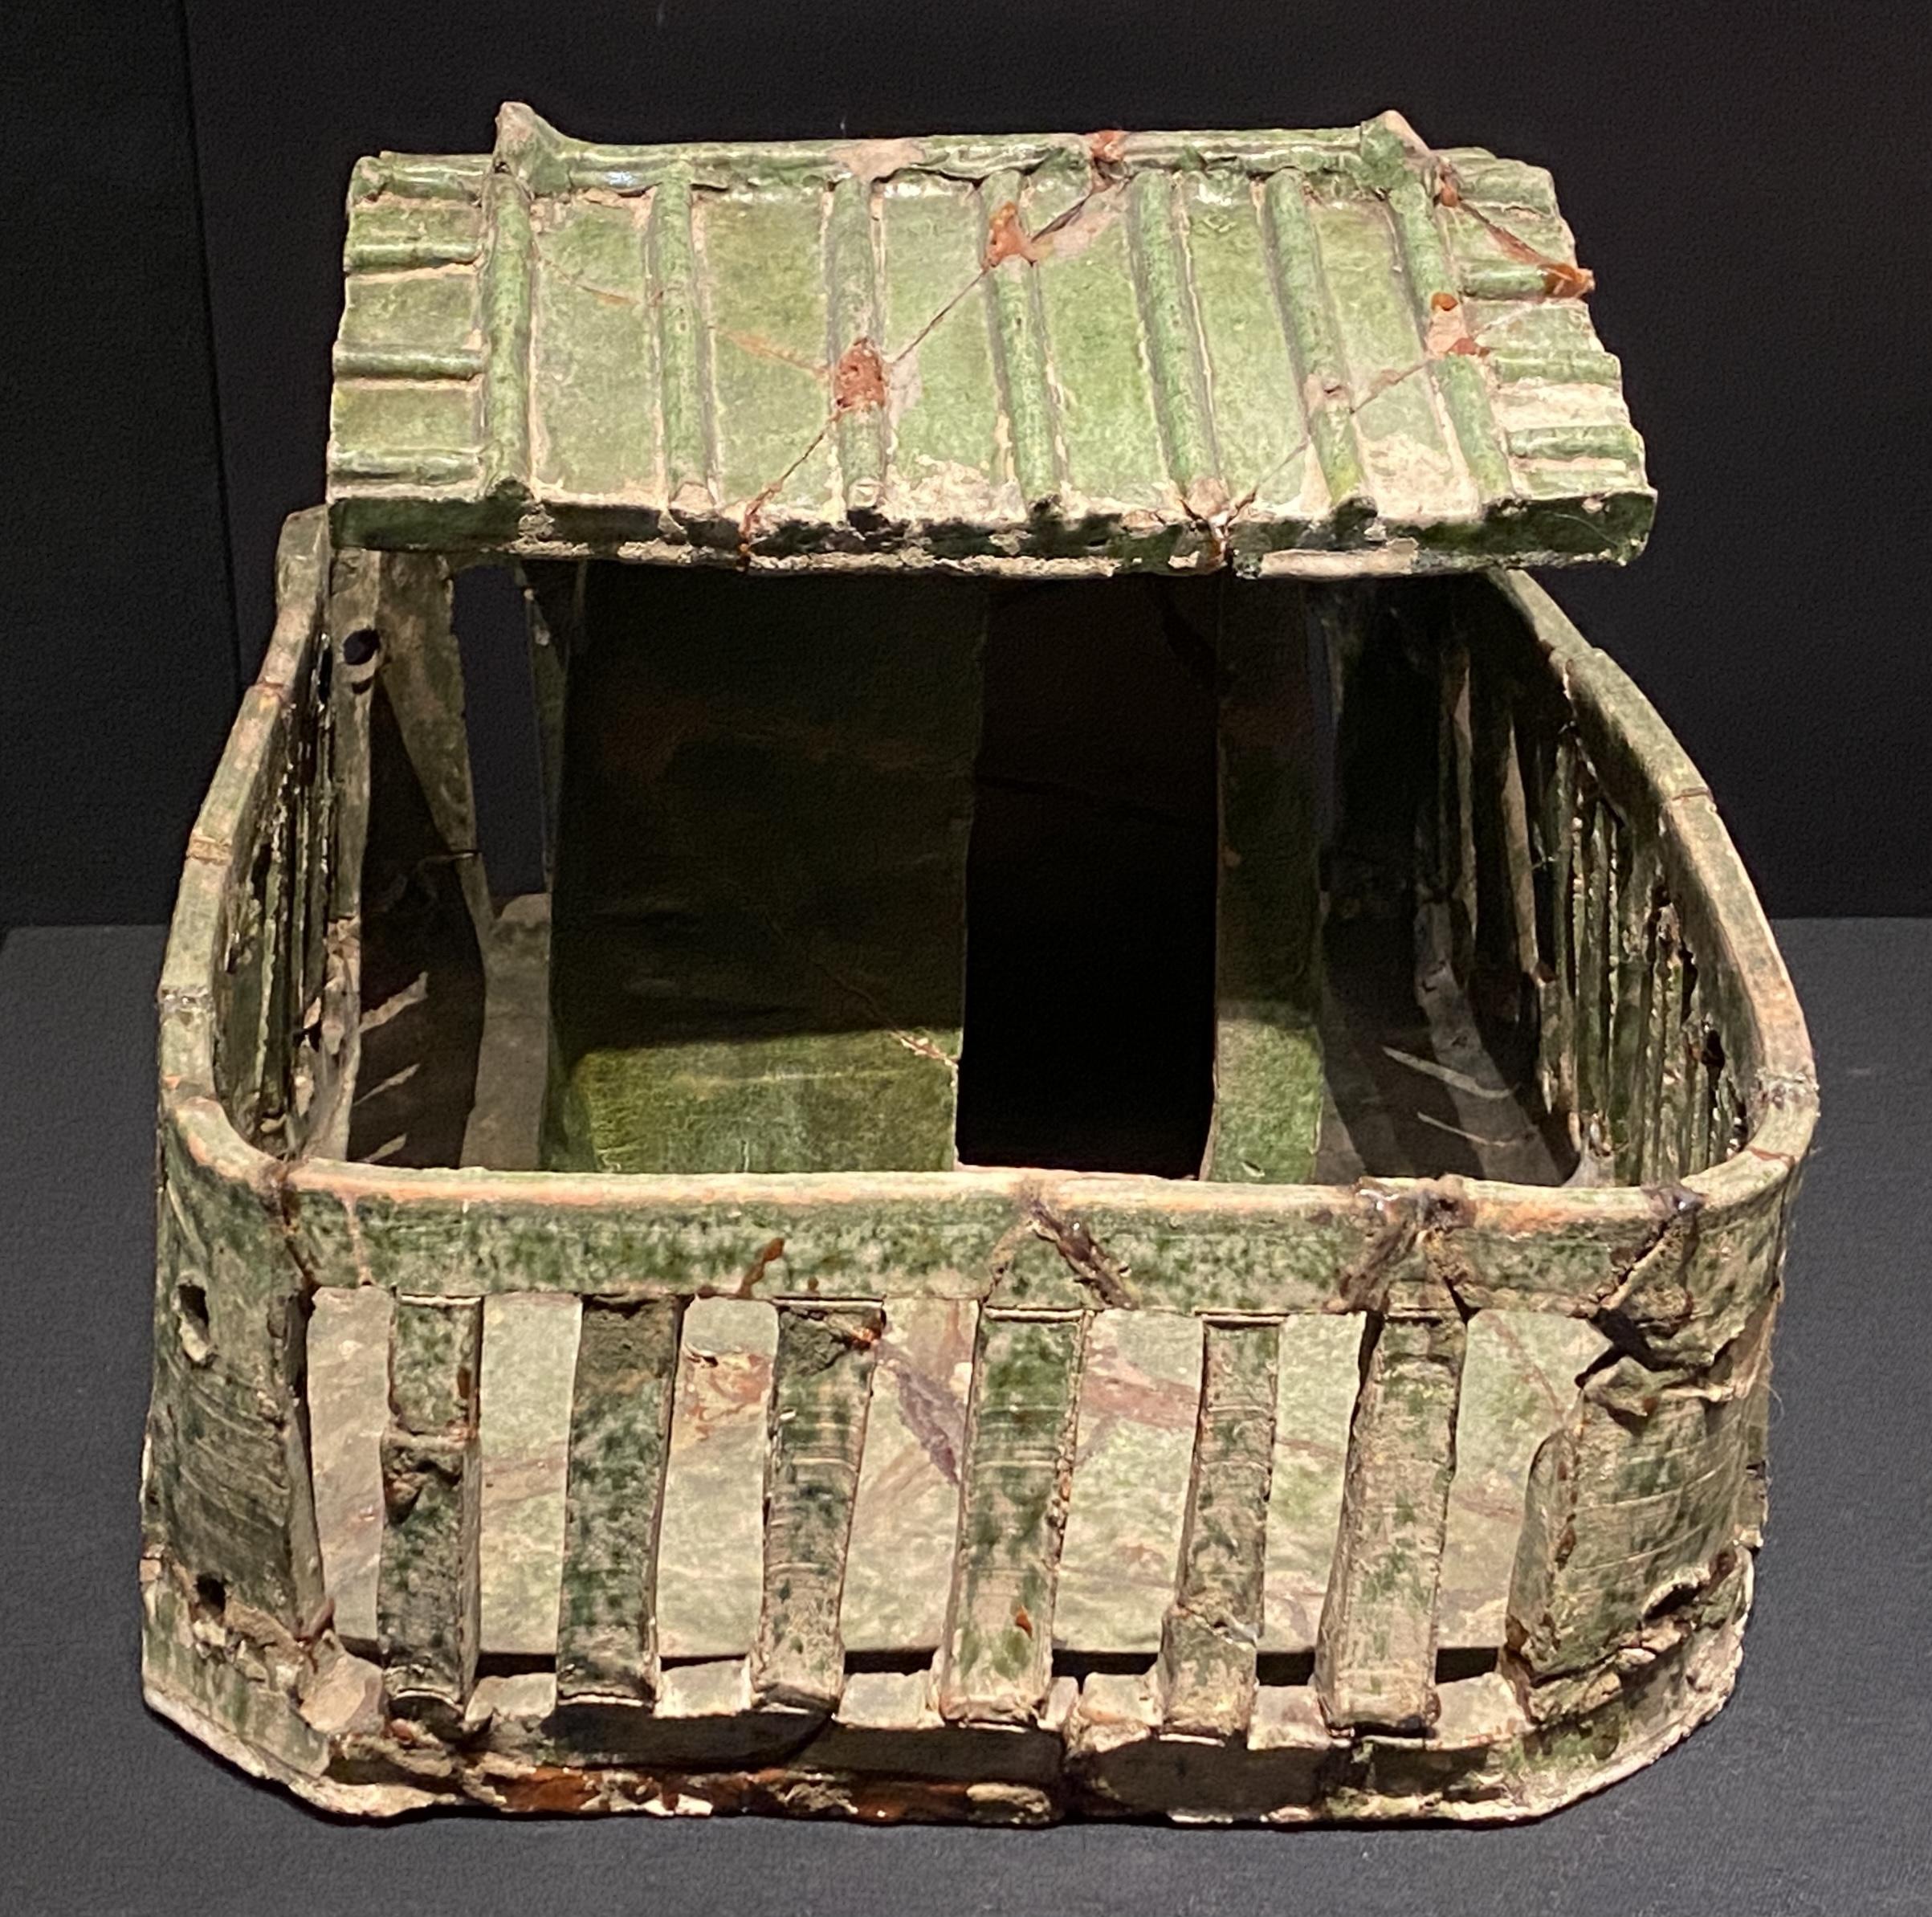 緑釉陶廁-【列備五都-秦漢時代の中国都市】-成都博物館-四川成都